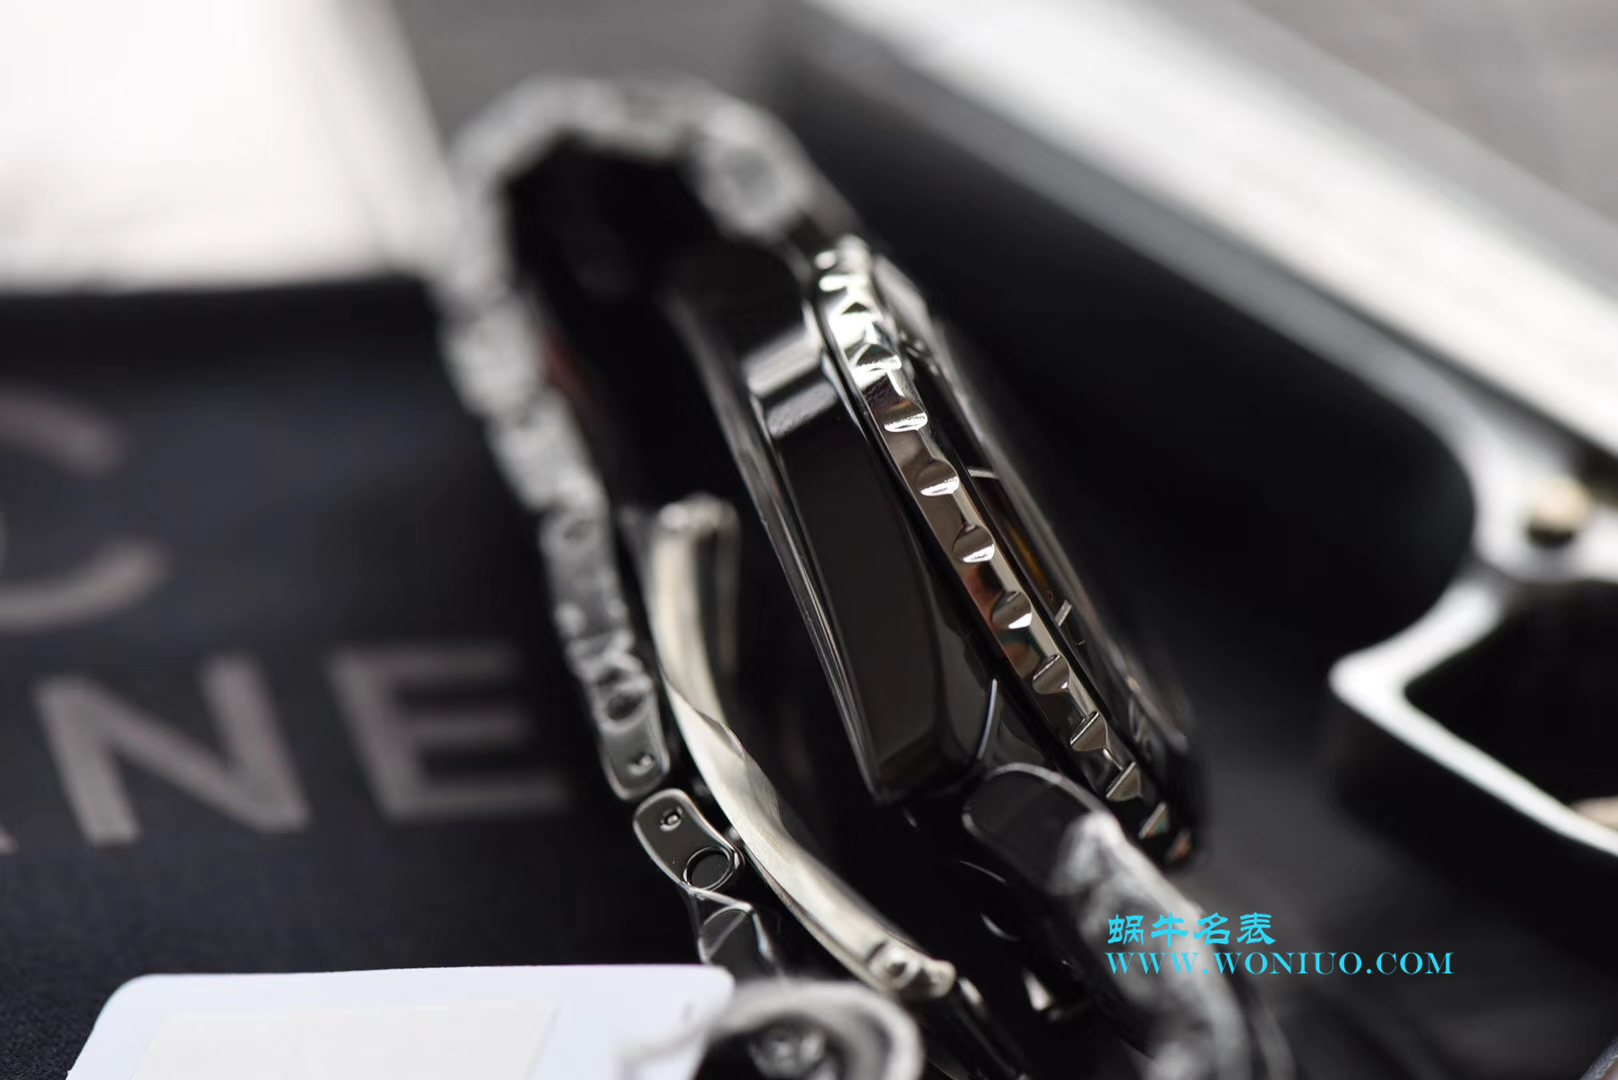 KOR韩版 香奈儿 J12香奈儿INTENSE 重置加强版女士石英黑面腕表 / X025